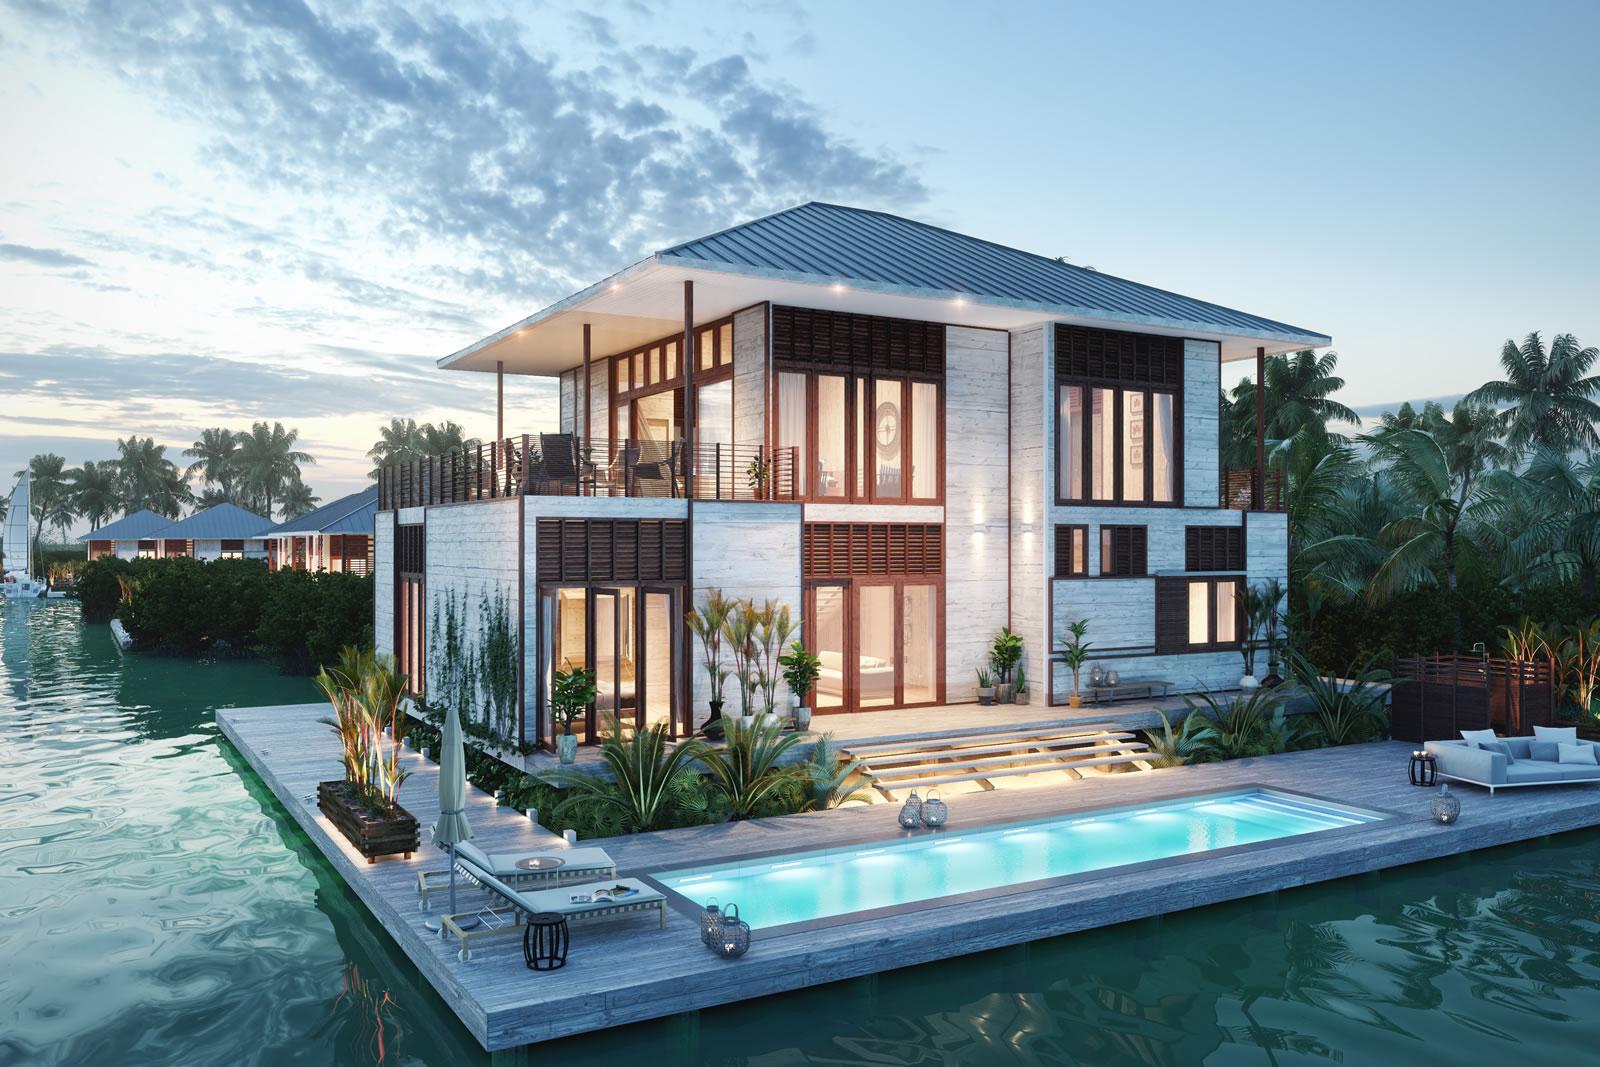 5 Bedroom Luxury Lagoon Villas For Sale Placencia Belize